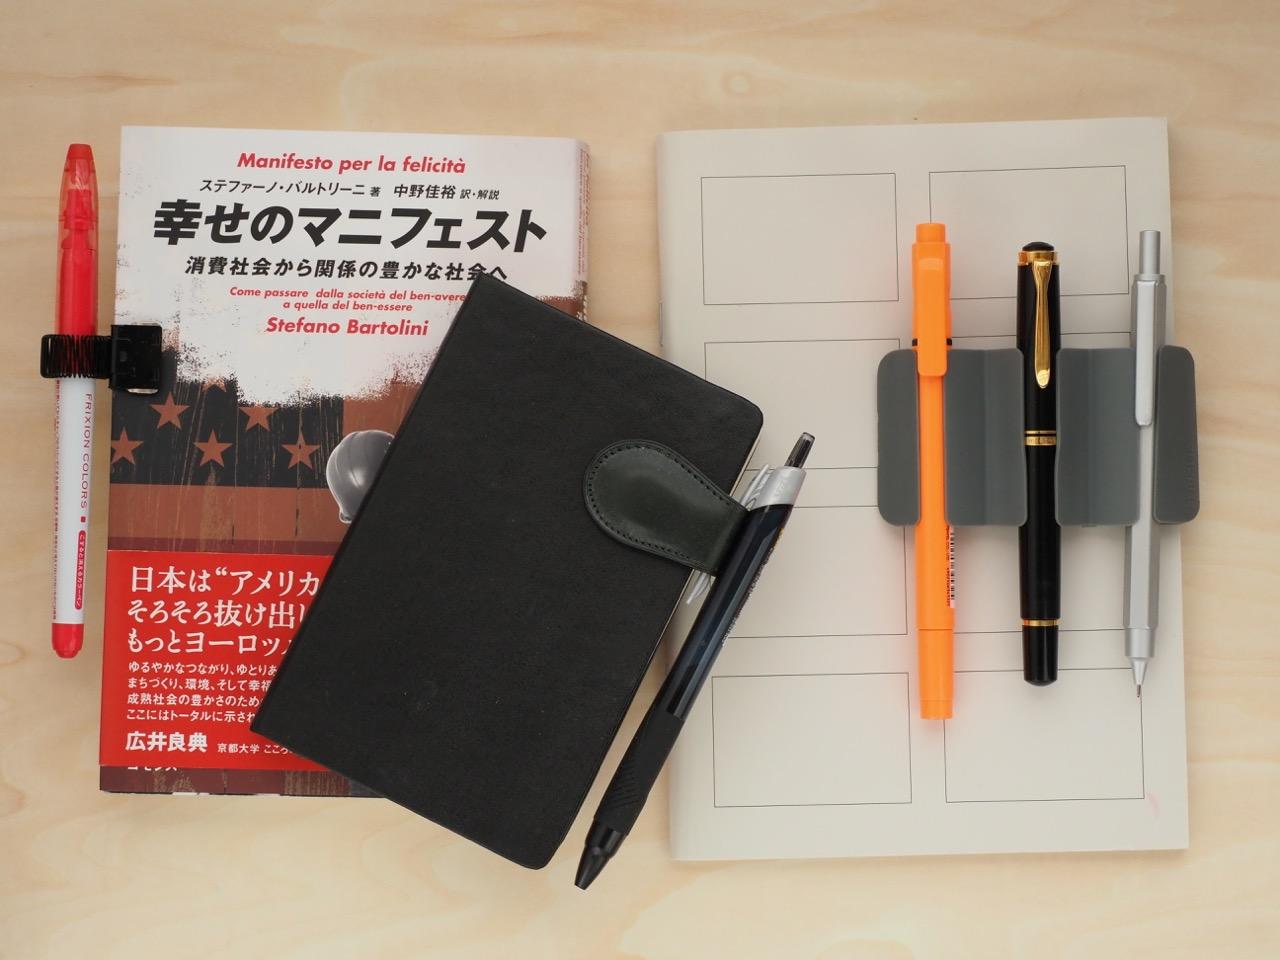 ペンはノート、手帳に寄り添うべきです